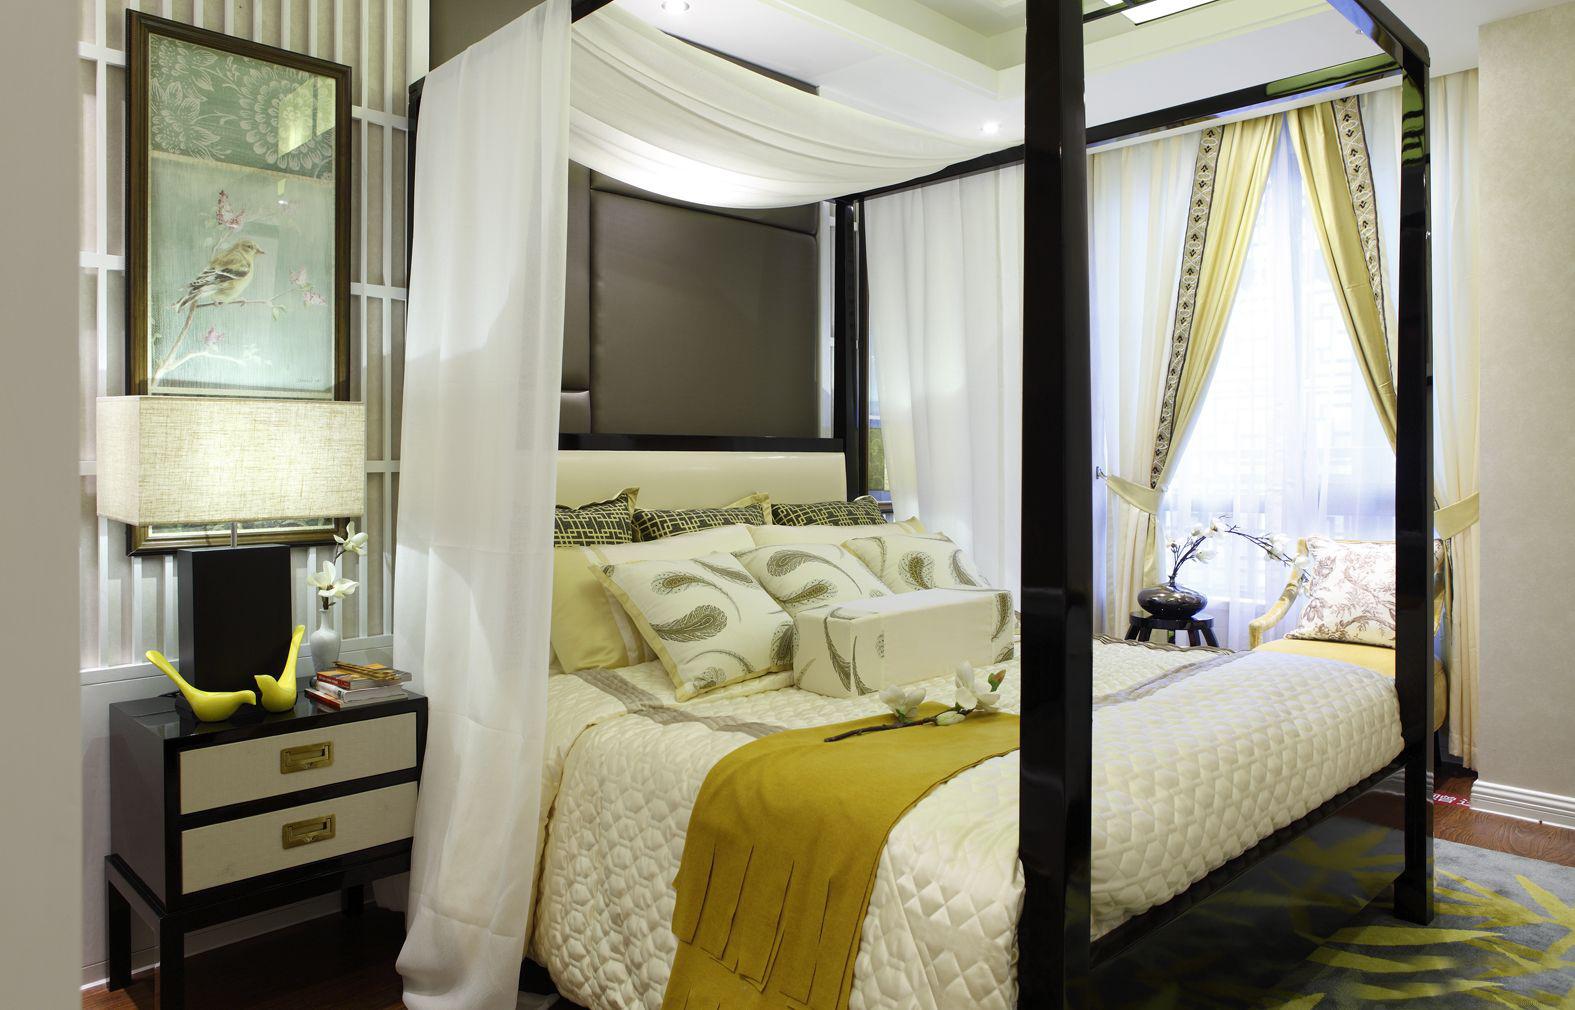 新中式卧室融入东南亚元素,增加了异域色彩。